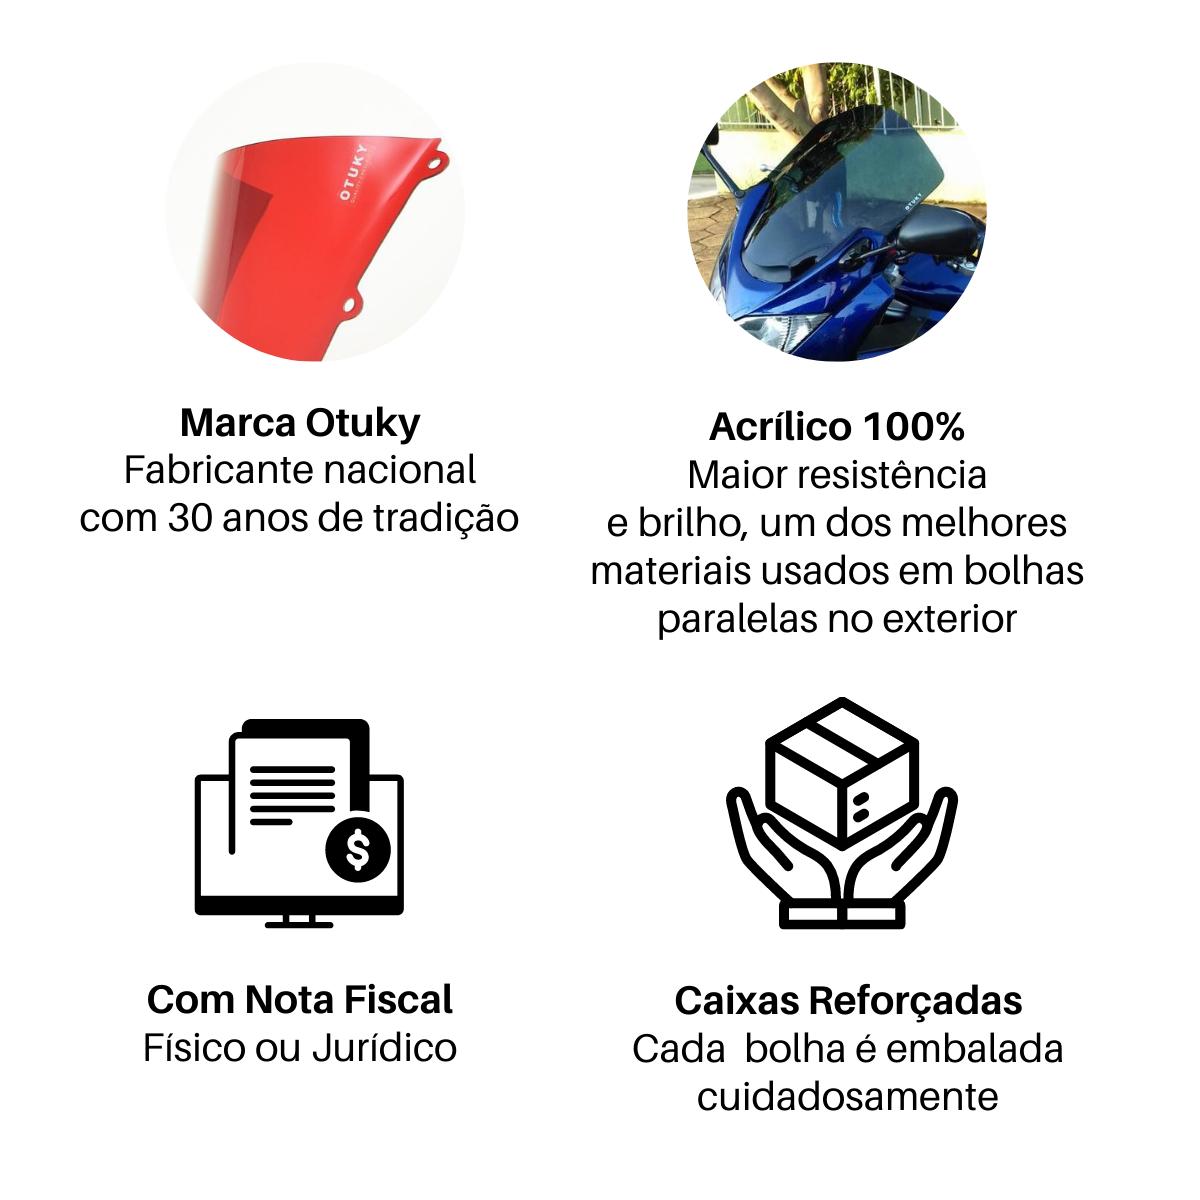 Bolha para Moto Nmax 160 2017 2018 2019 2020 2021 Otuky Padrão Preto